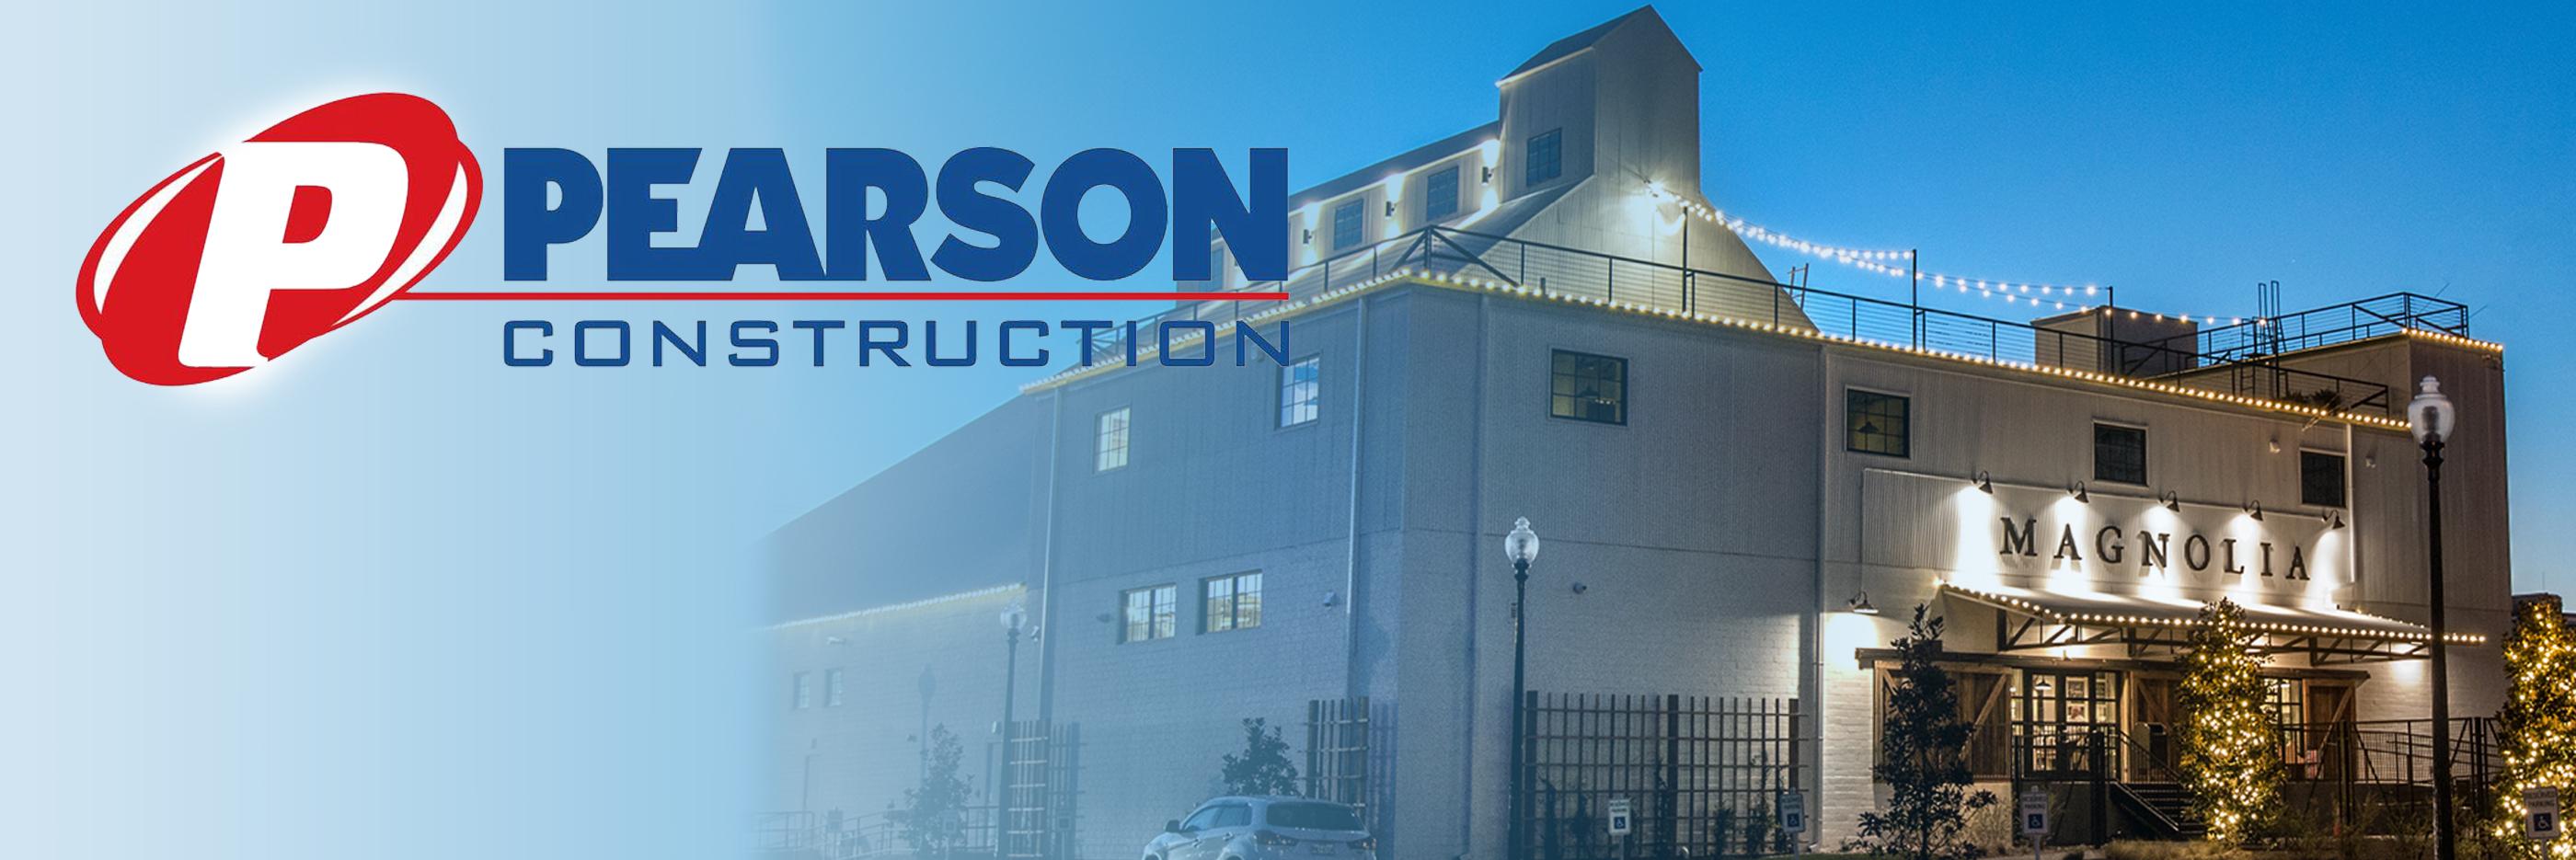 pearson-slide